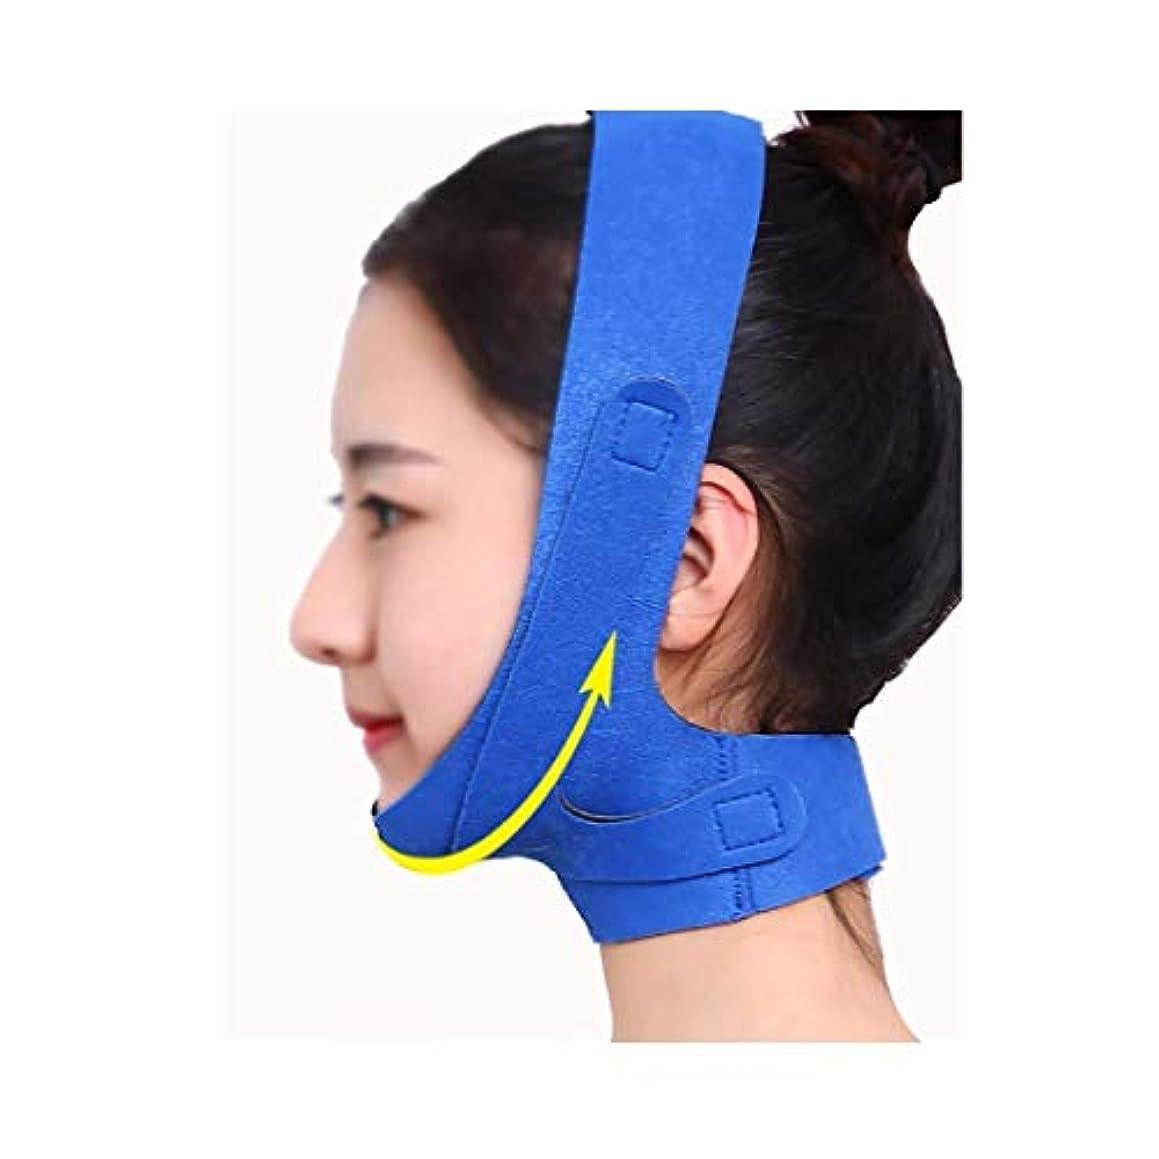 キャビン芸術尊敬するフェイスリフトマスク、あごストラップ回復包帯睡眠薄いフェイスバンデージ薄いフェイスマスクフェイスリフトアーティファクトフェイスリフト美容マスク包帯青いフェイスマスクで小さなV顔を強化するには